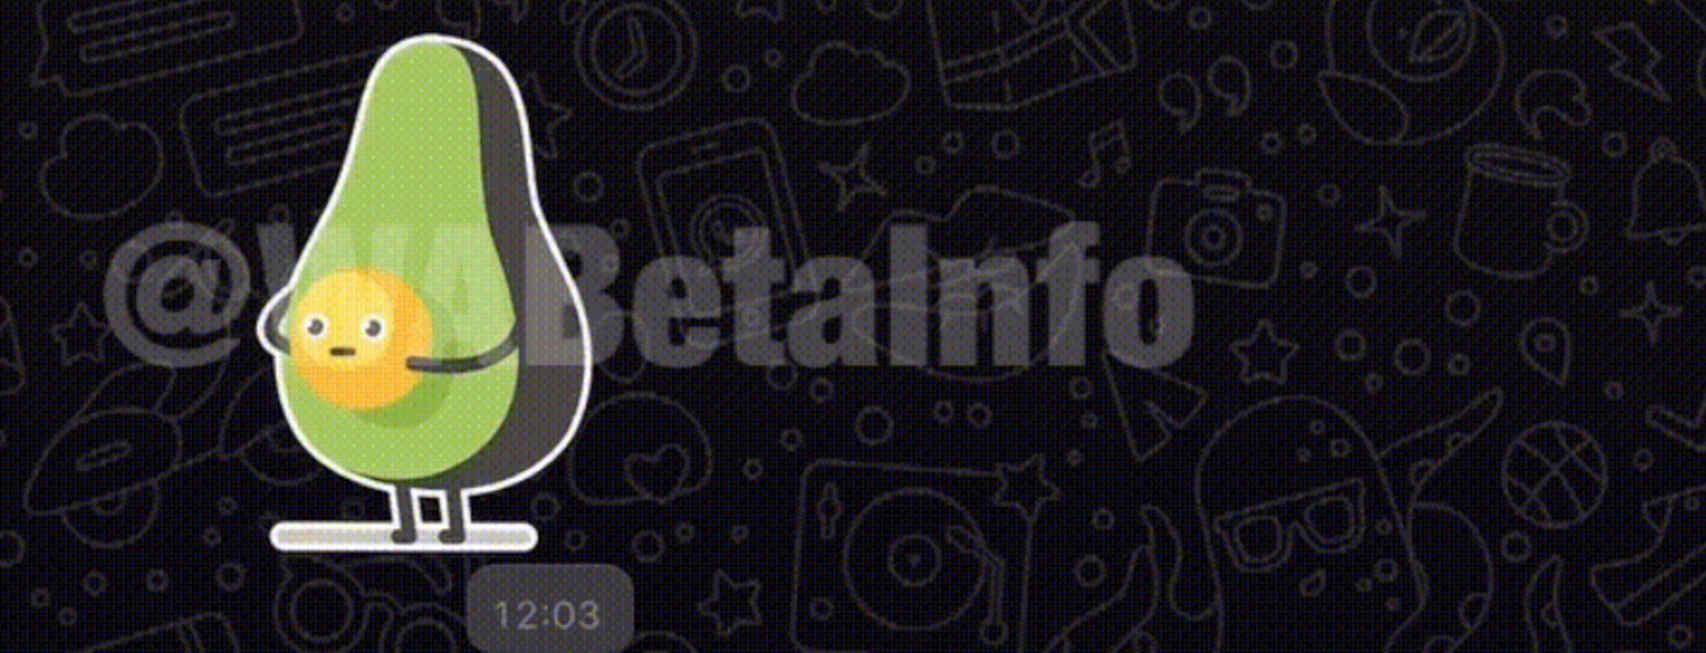 Los stickers animados llegan a WhatsApp, para Android y iOS